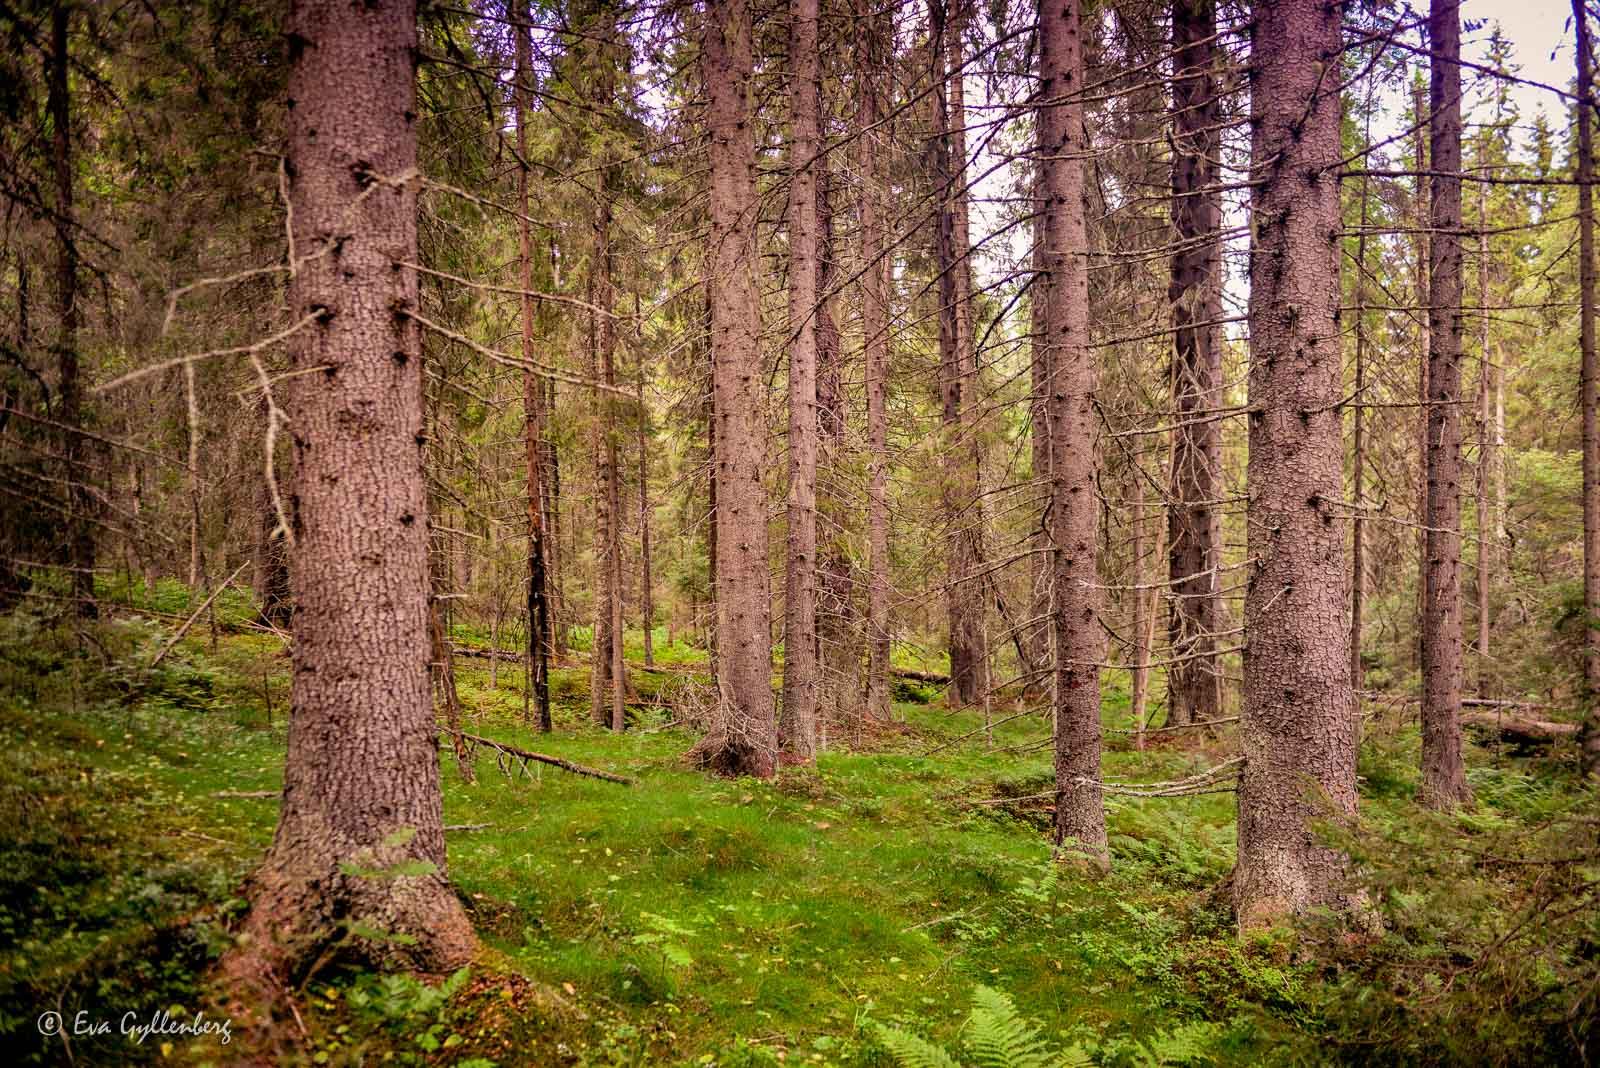 Fin skog utefter Höga Kusten-leden